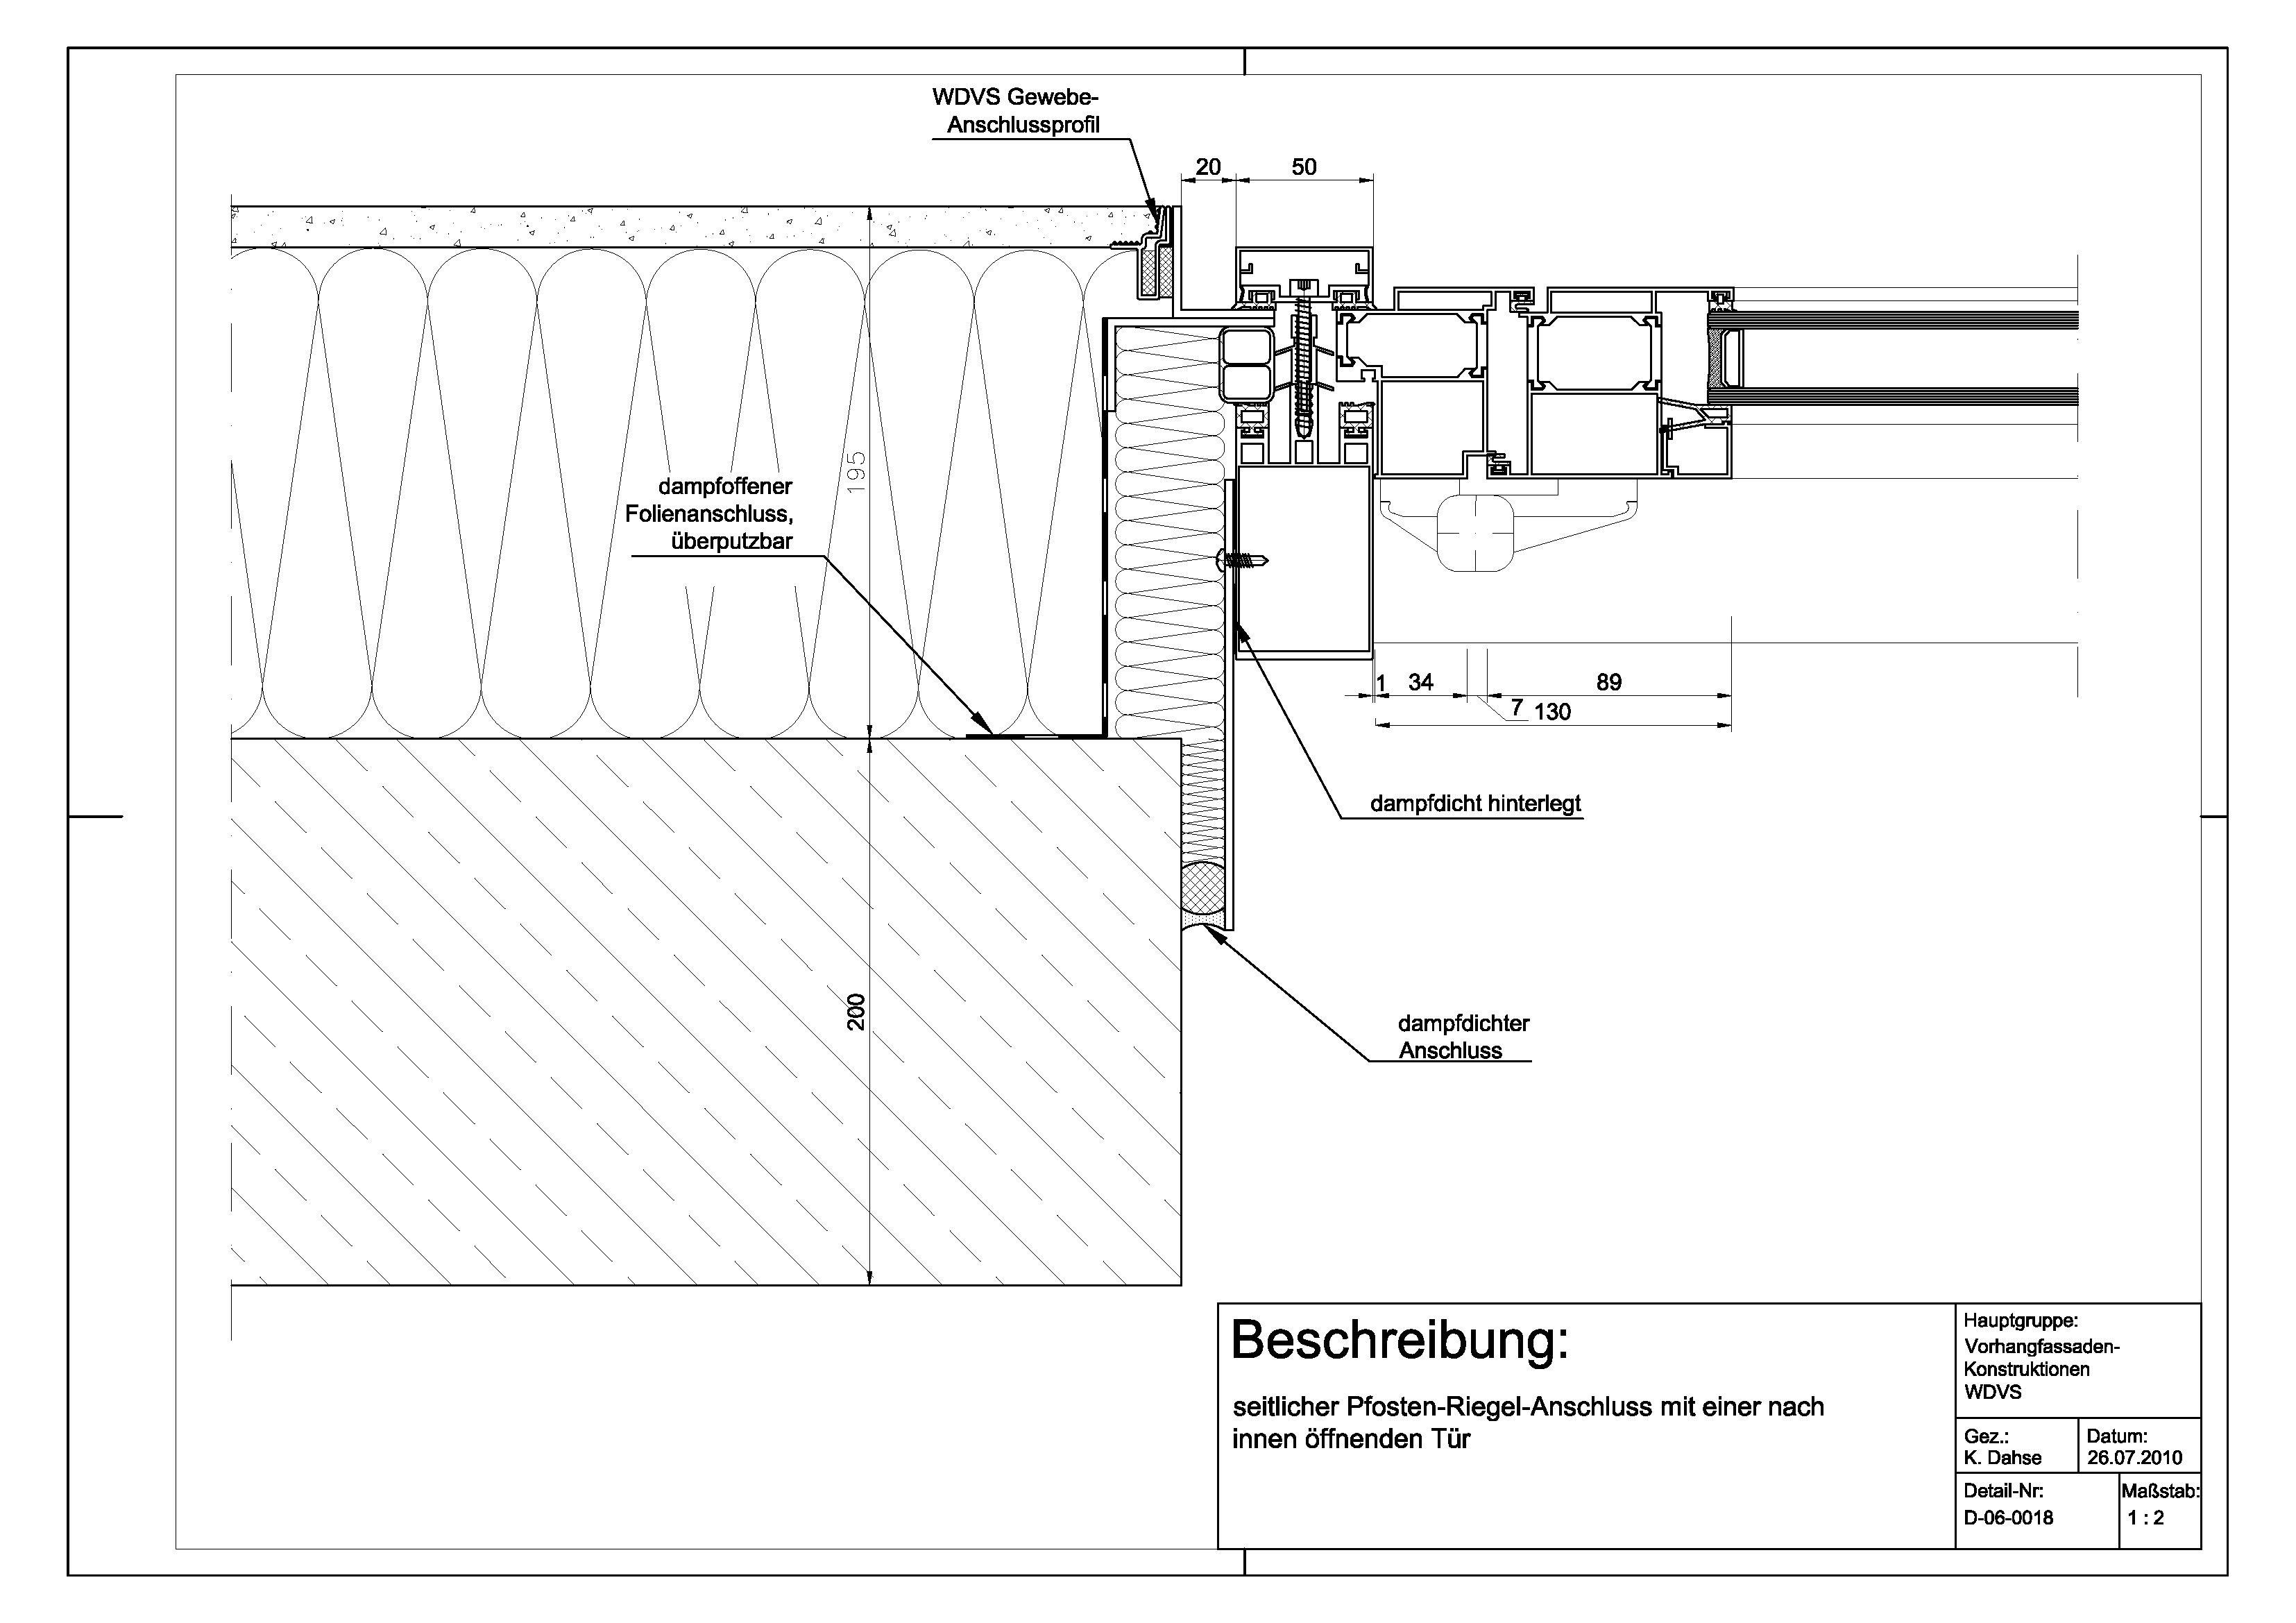 d 06 0018 seitlicher pfosten riegel anschluss mit einer. Black Bedroom Furniture Sets. Home Design Ideas